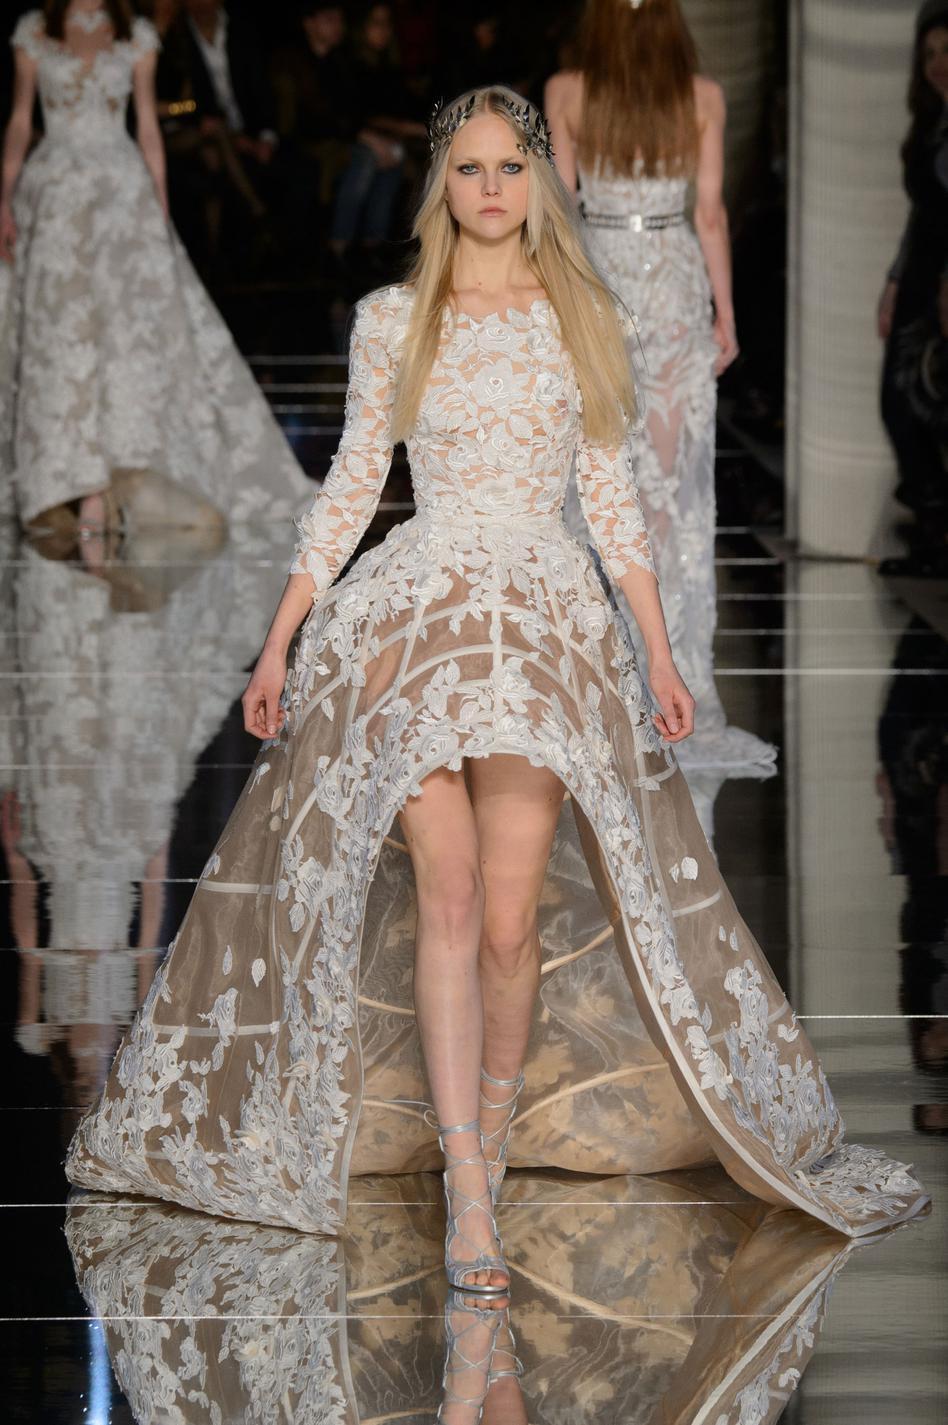 1af48025124 Robes de mariee haute couture 2016 - Chapka